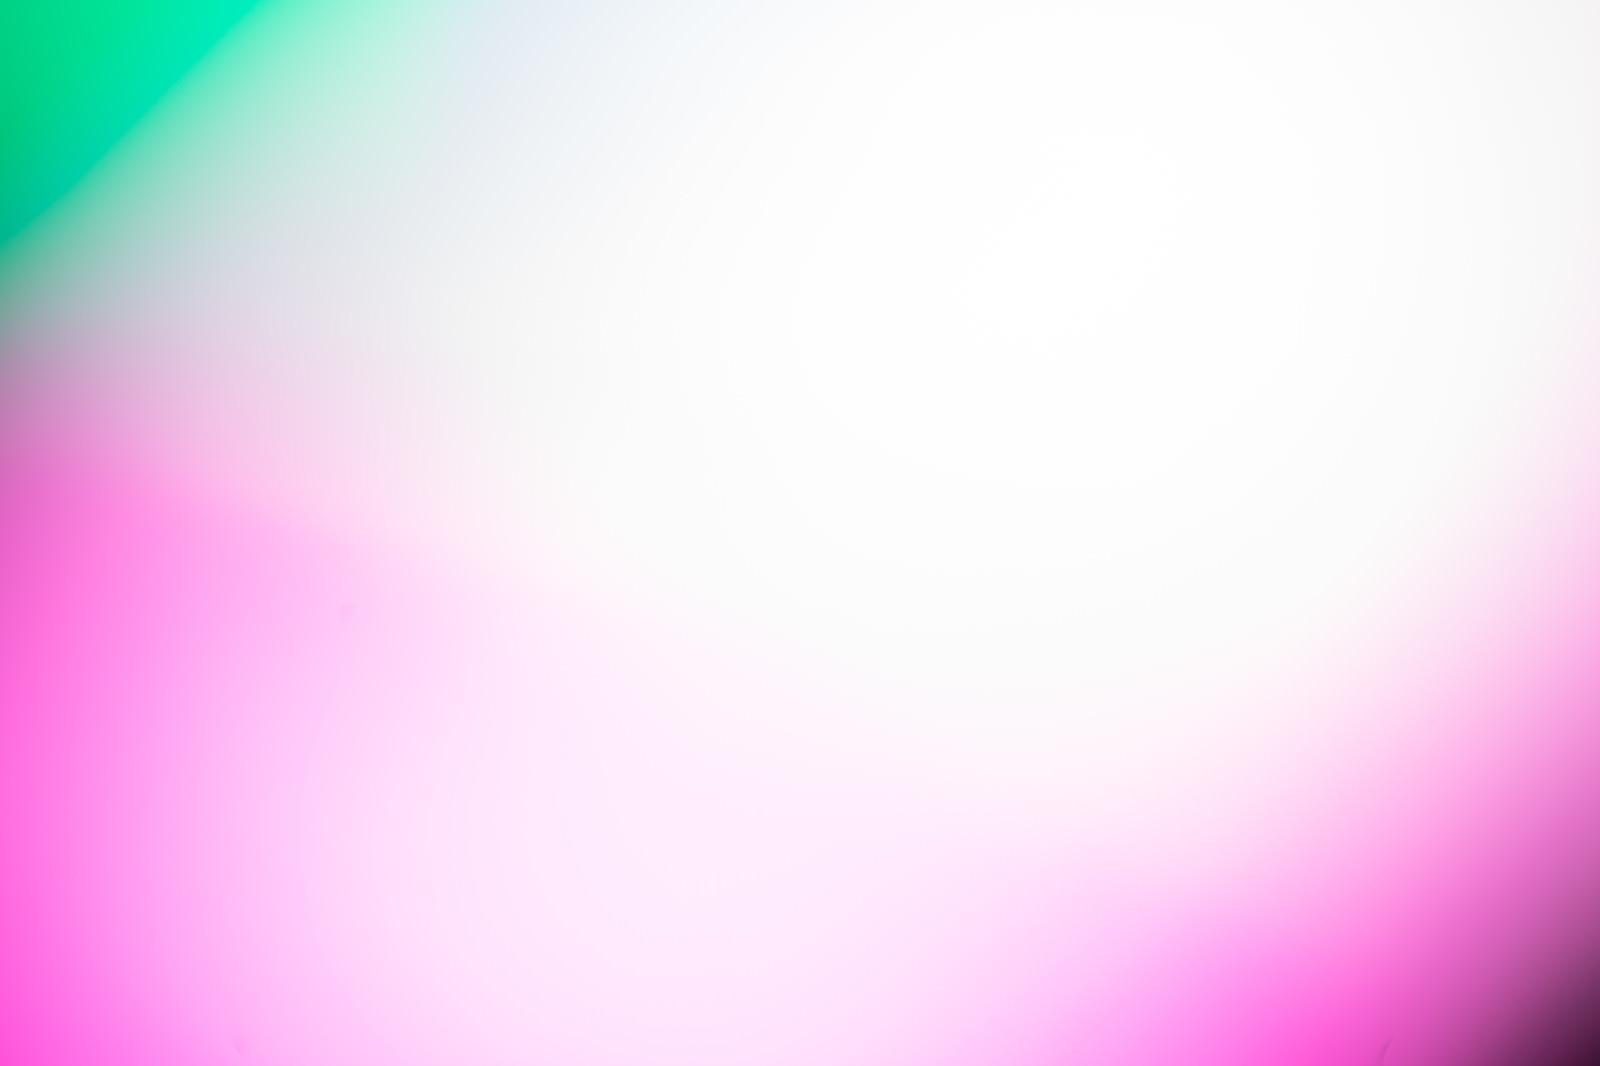 「ピンク・パープルの目立つ背景」